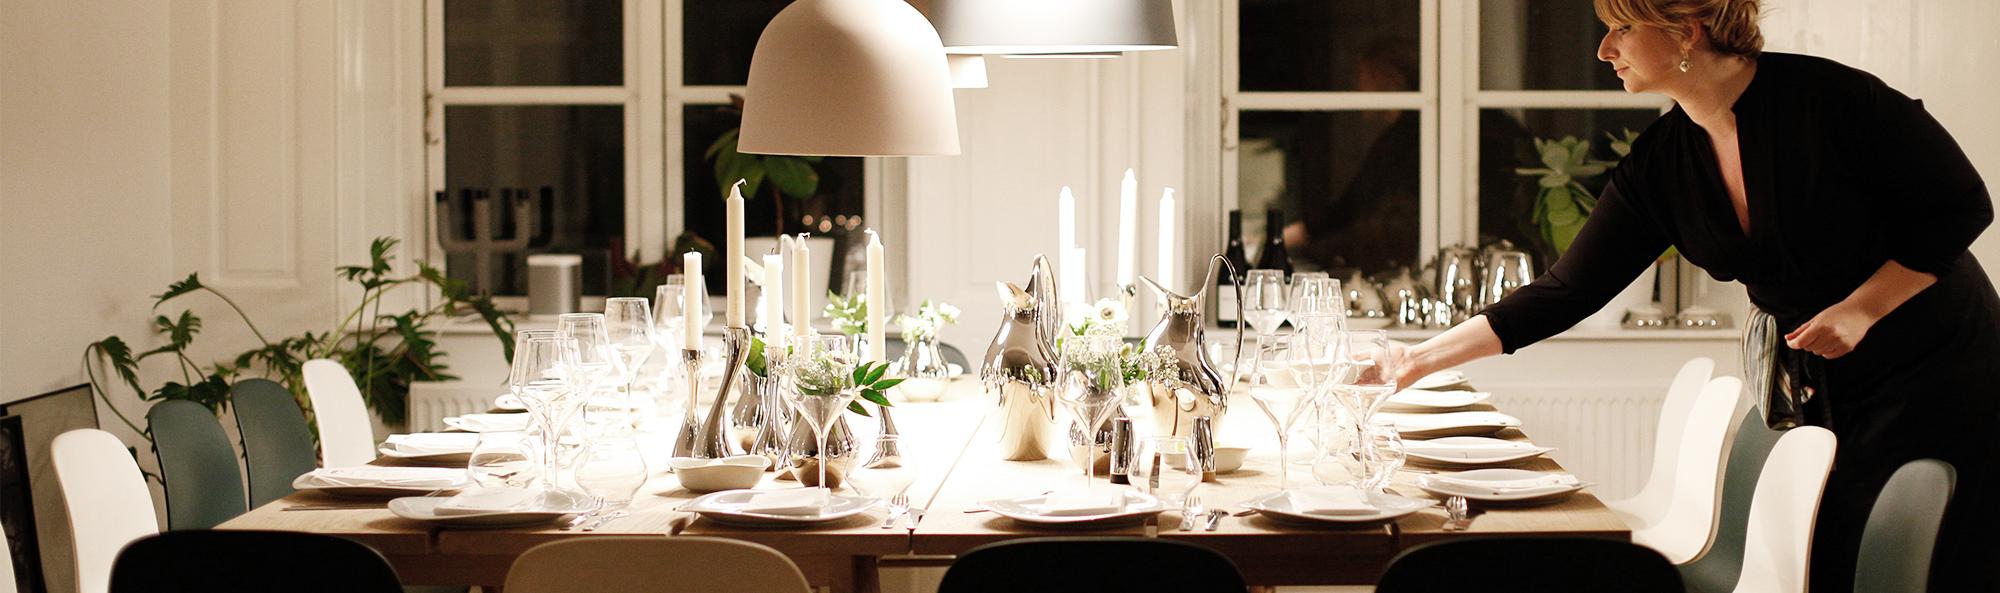 Tisch skandinavische decken - skandinavischer Stil nordic butik